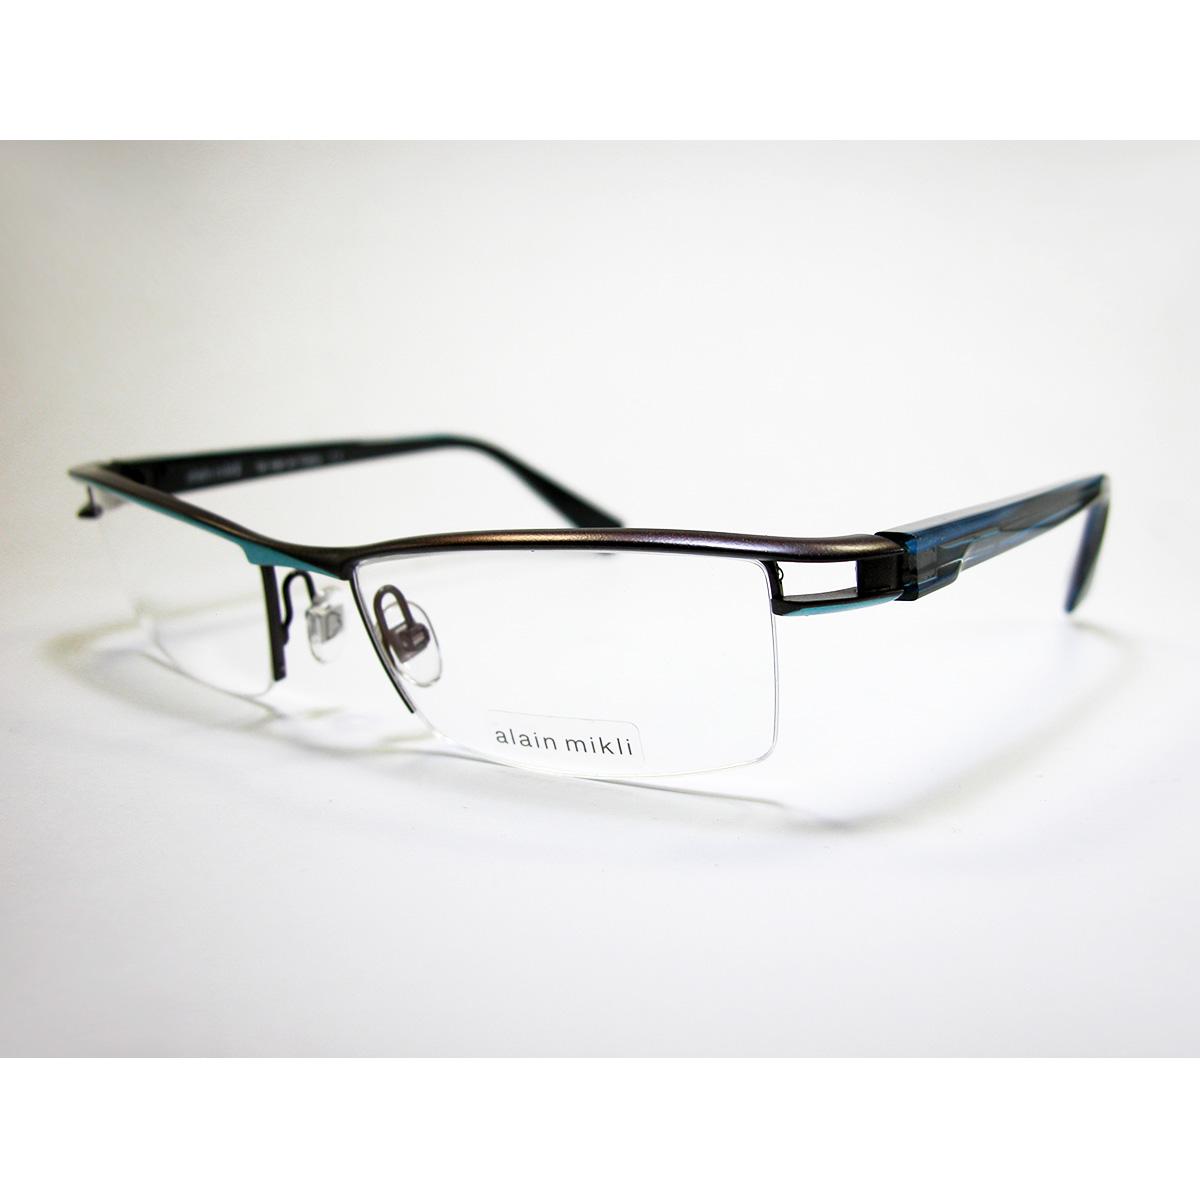 【限定品】 alain mikli アランミクリ メガネAO2014TD 0006J1【】 メガネAO2014TD サングラス メンズ メンズ メガネ サングラス 眼鏡【店頭受取対応商品】, セナ:1d706b7d --- atakoyescortlar.com